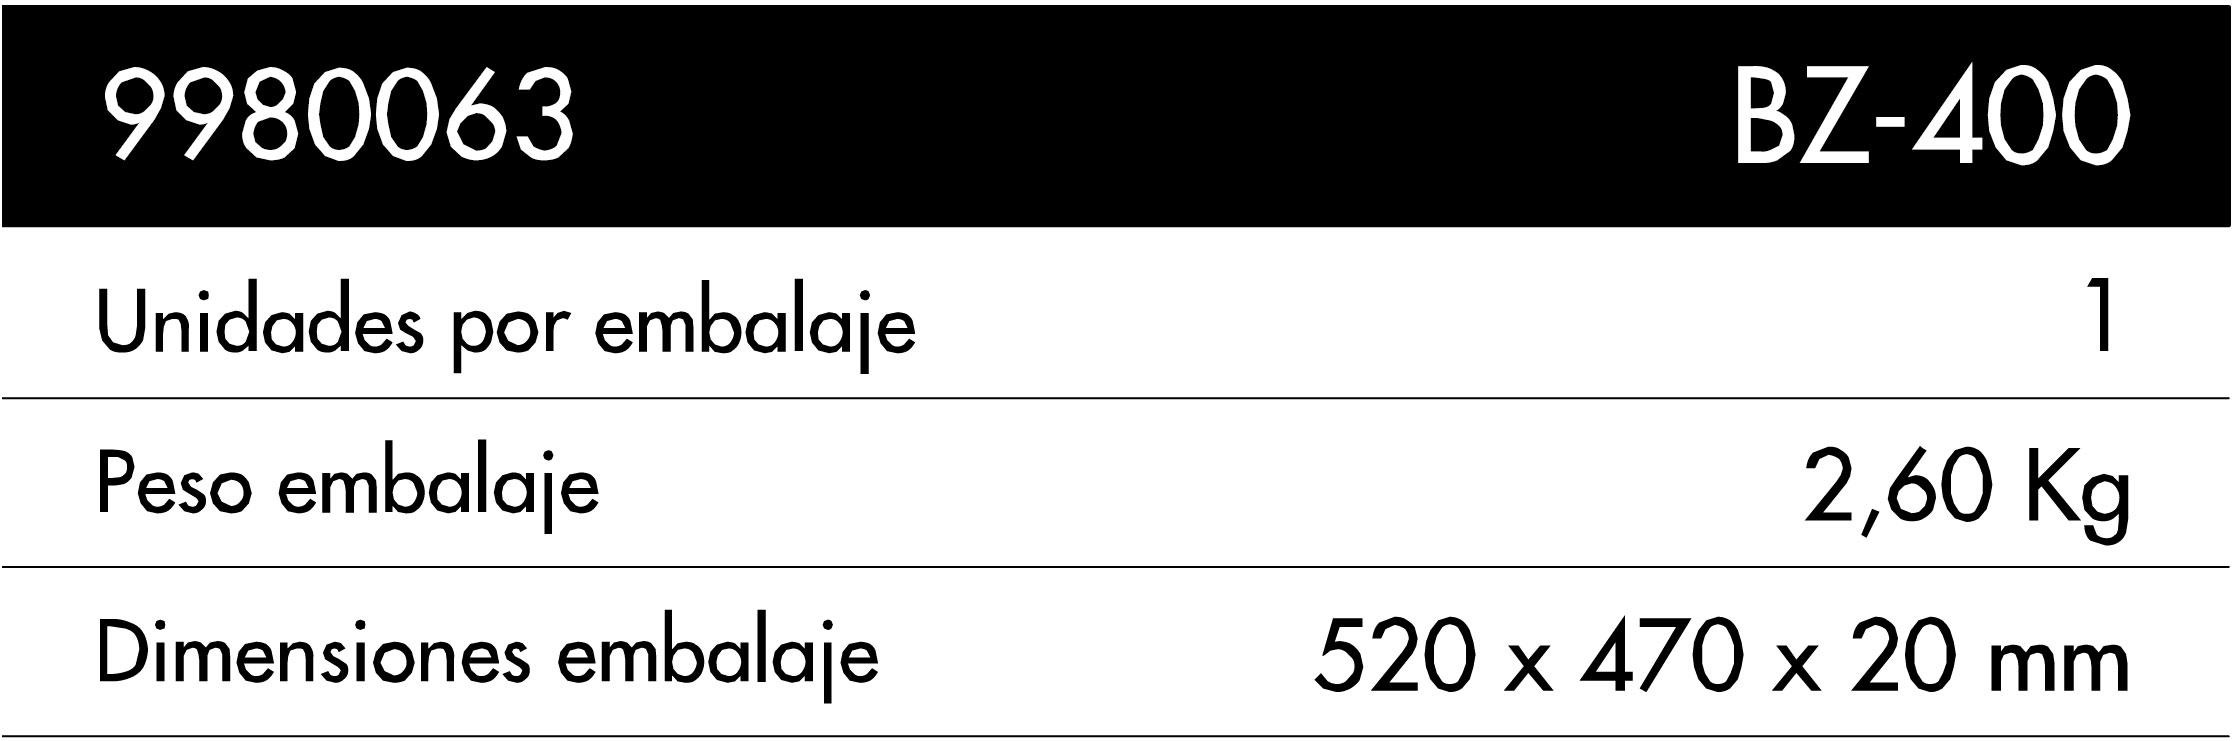 9980063-tablaES.jpg